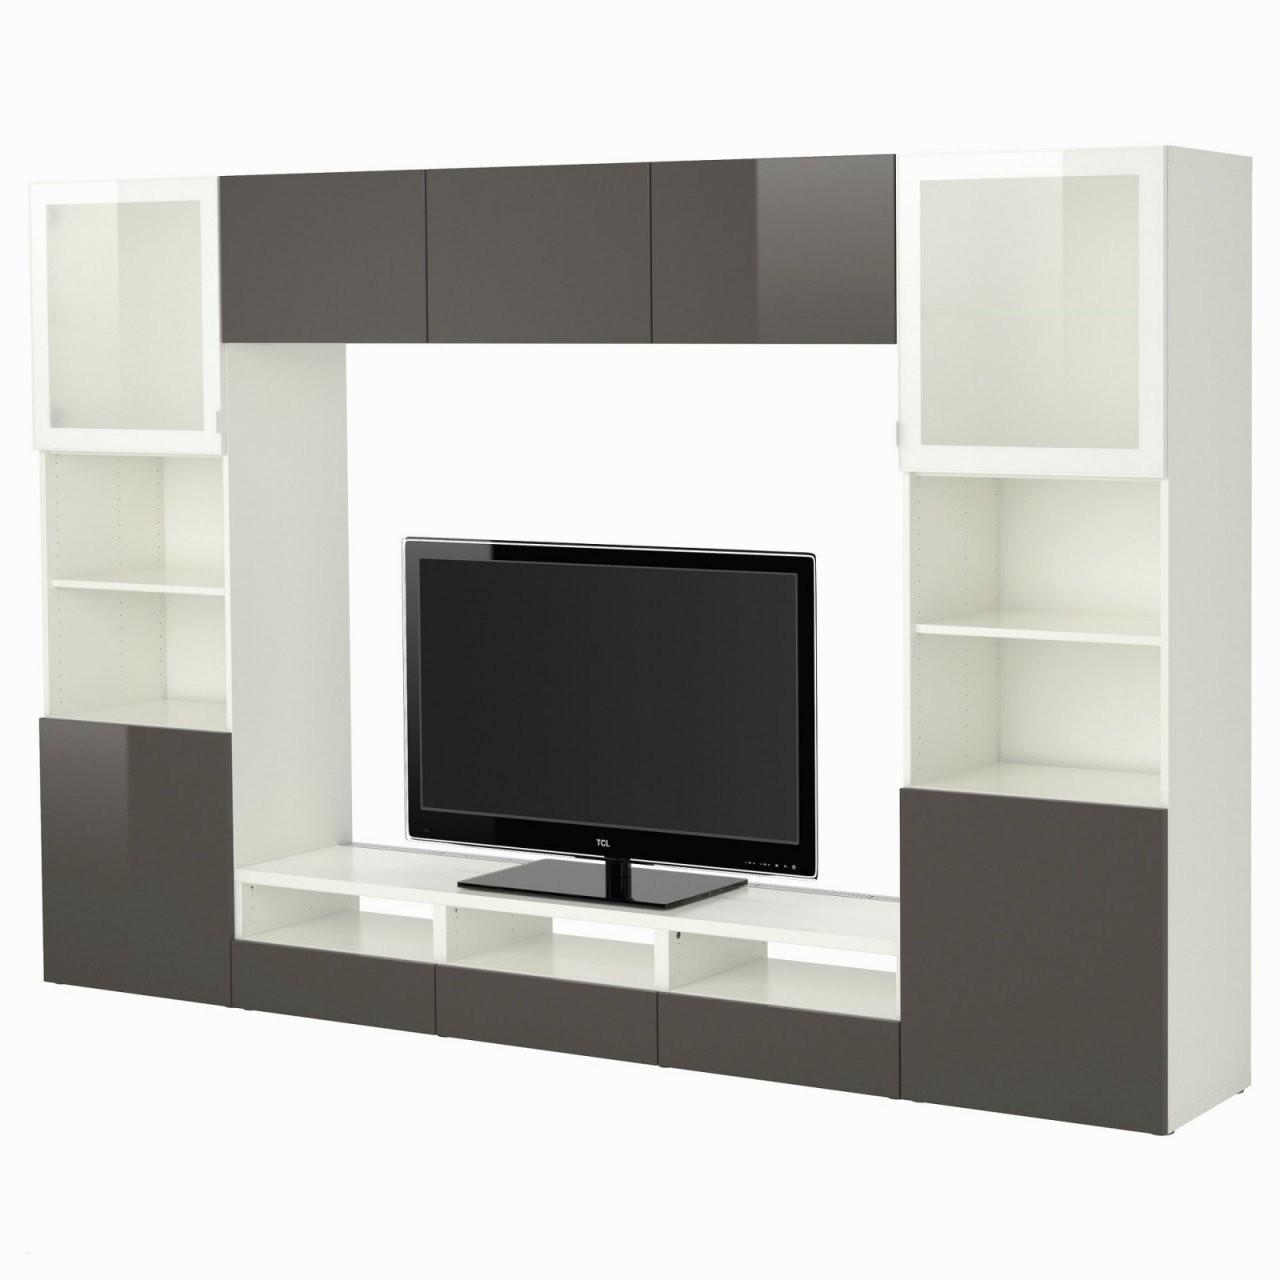 Wohnwand Weis Hochglanz Ikea Inspirant Besta Tv Elegant Banc Tv Ikea von Ikea Wohnwand Weiß Hochglanz Photo